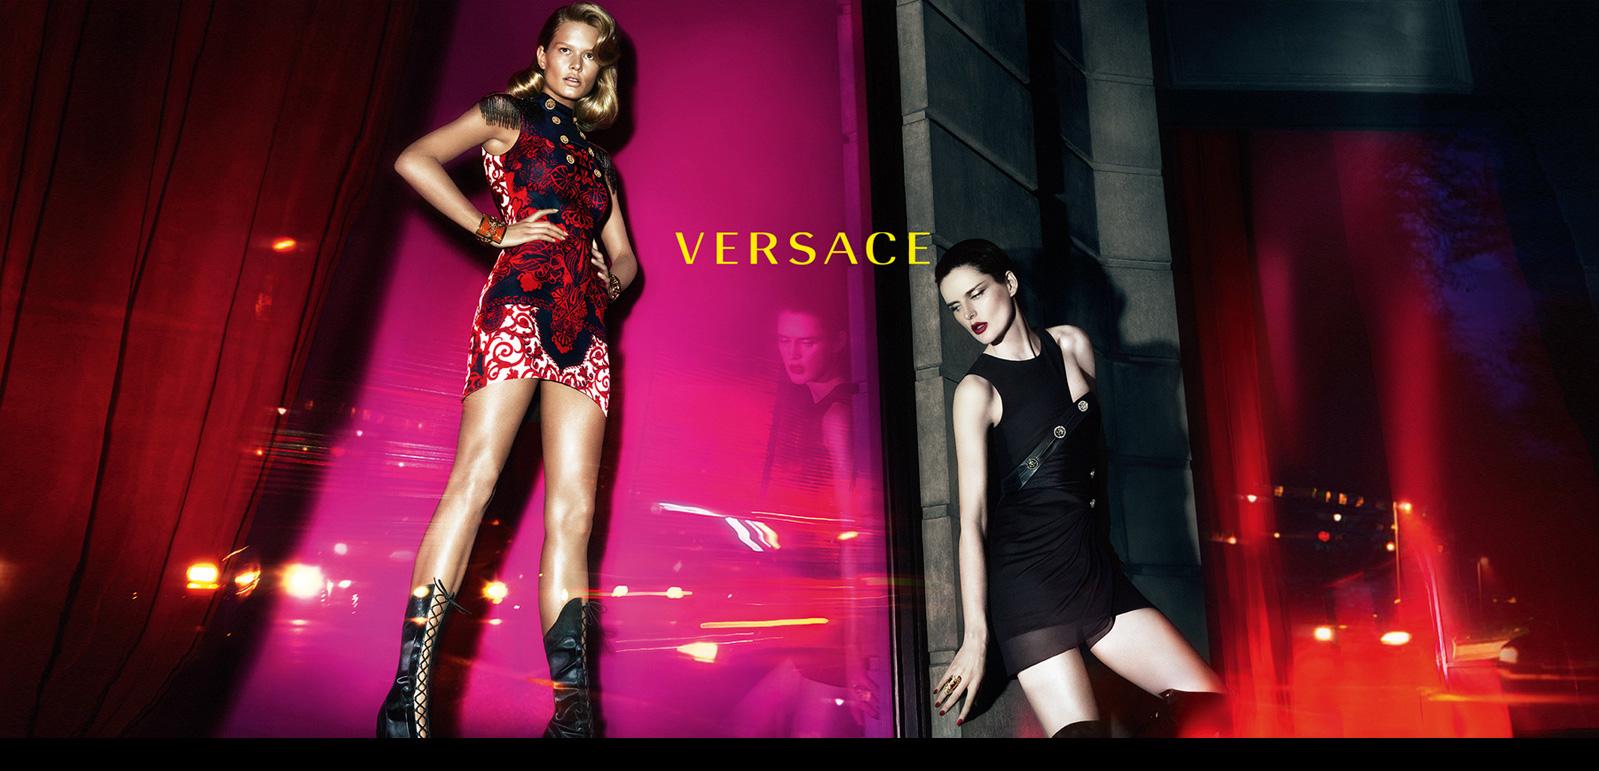 Versace 2014